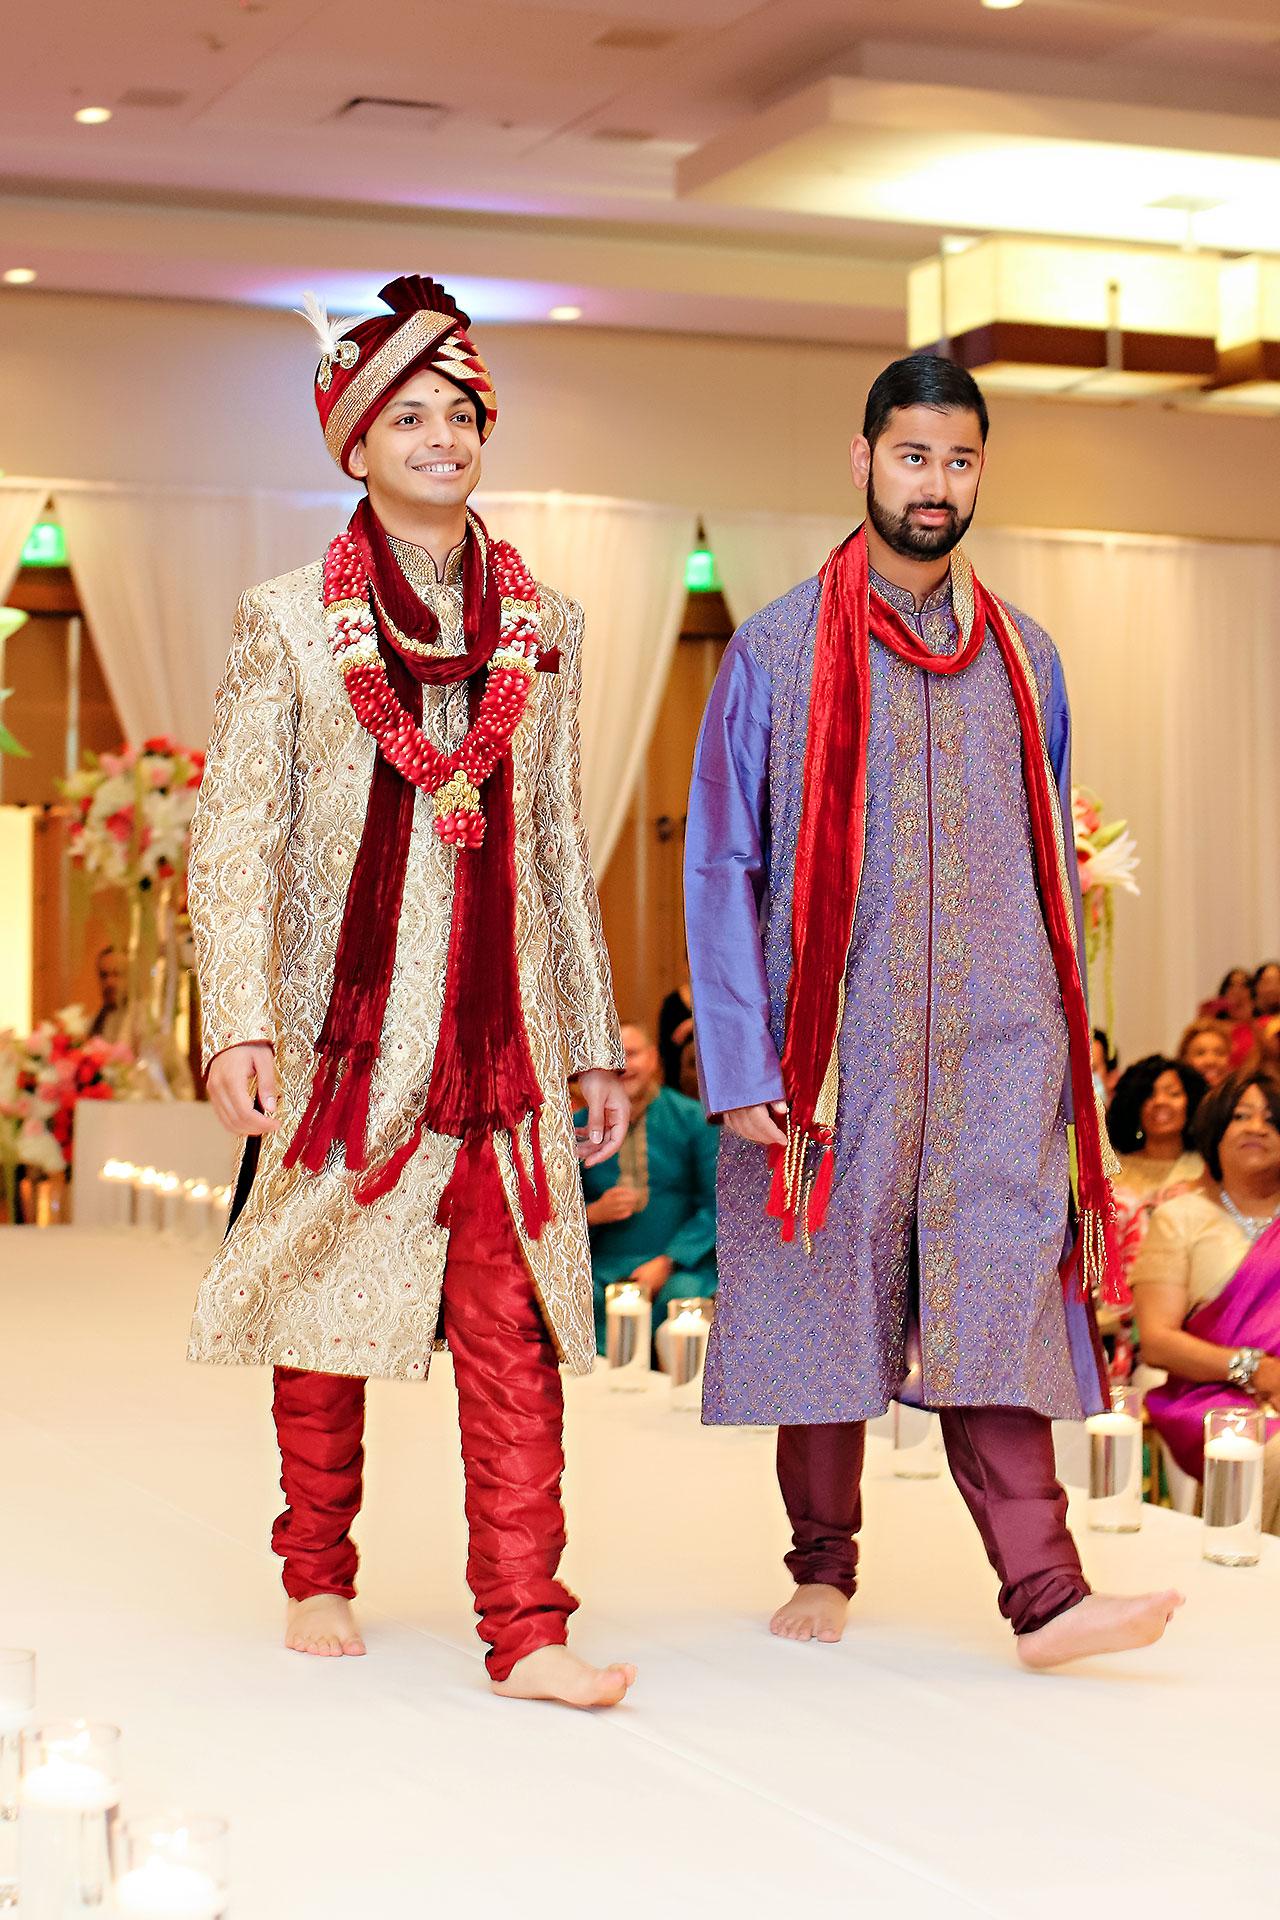 Joie Nikhil JW Marriott Indian Wedding 238